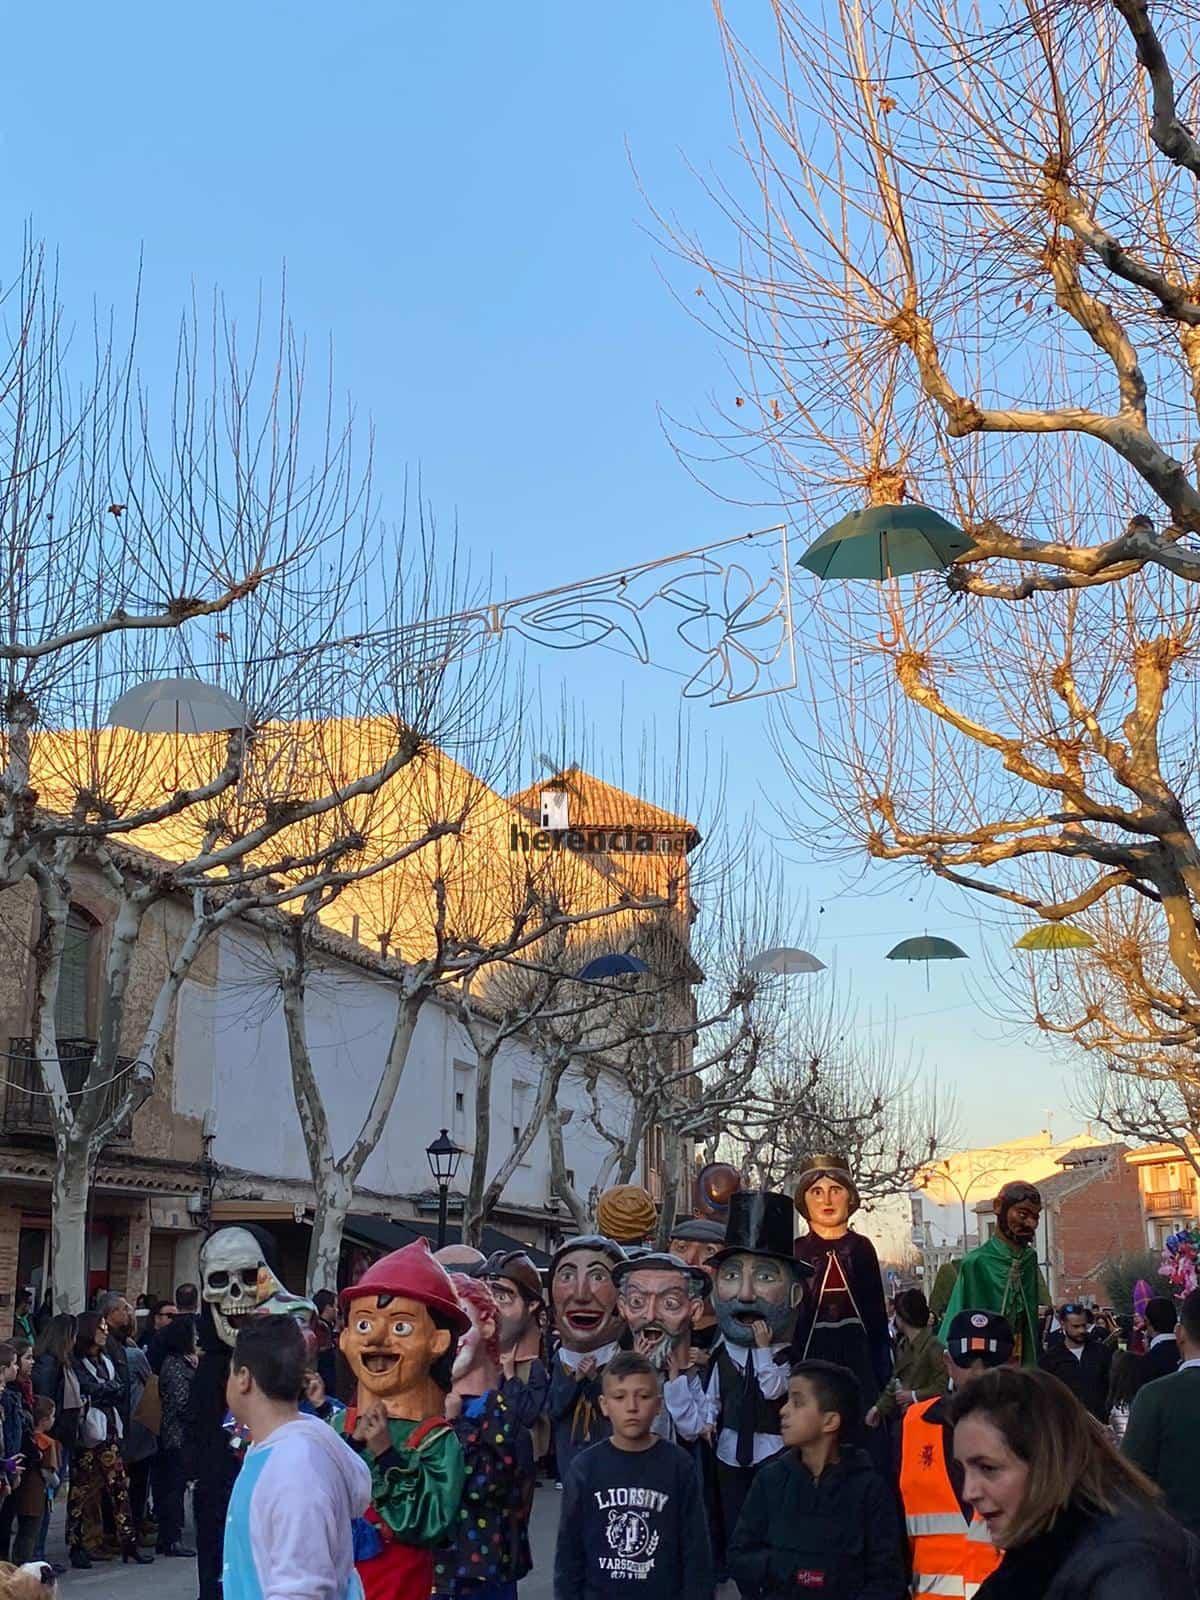 Carnaval herencia 2020 pasacalles domingo deseosas 41 - El Domingo de las Deseosas invita a todo el mundo al Carnaval de Herencia